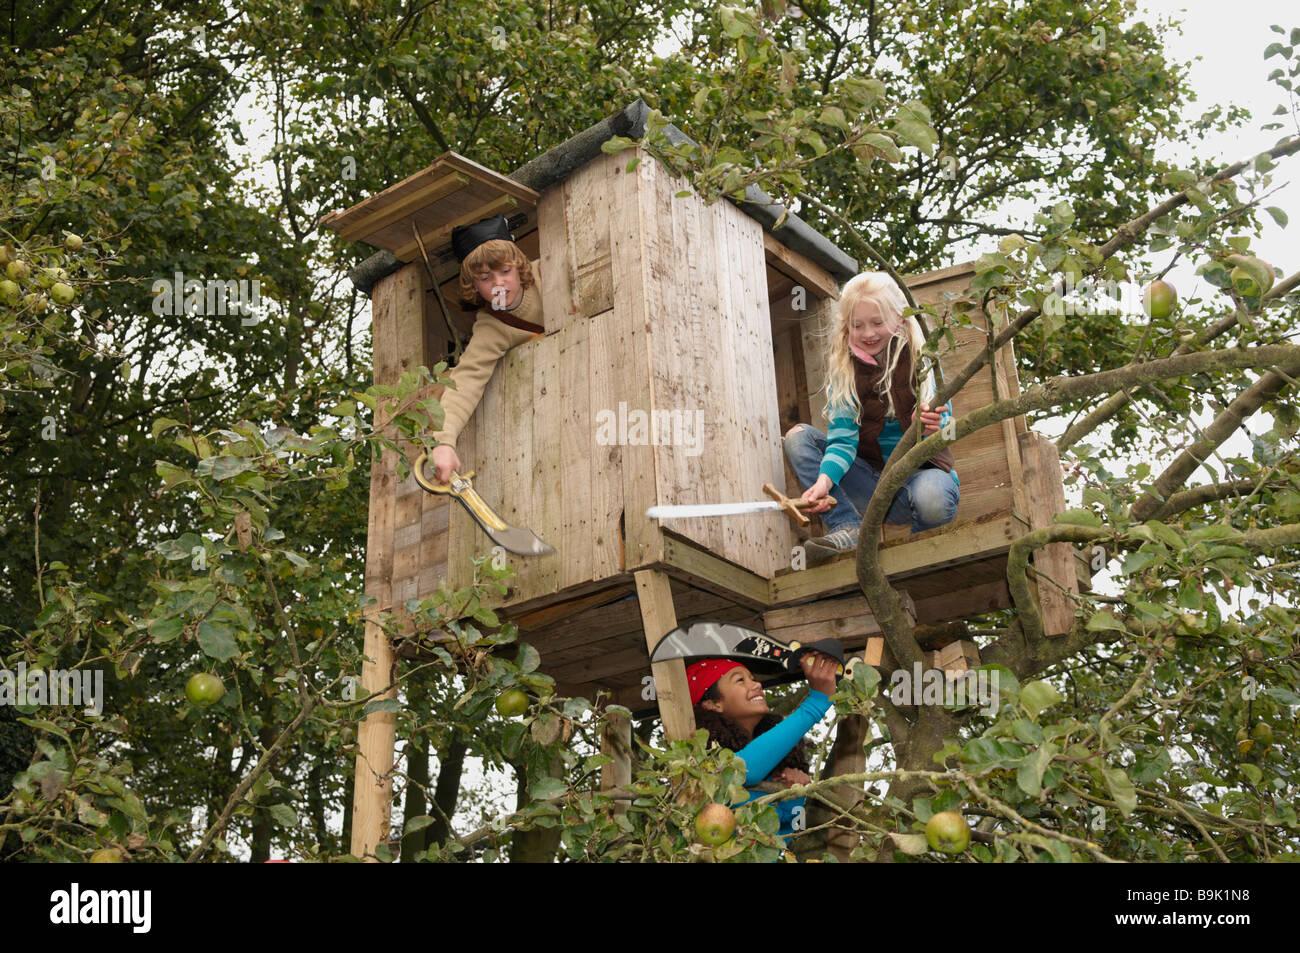 Kinder spielen im Baumhaus Stockfoto